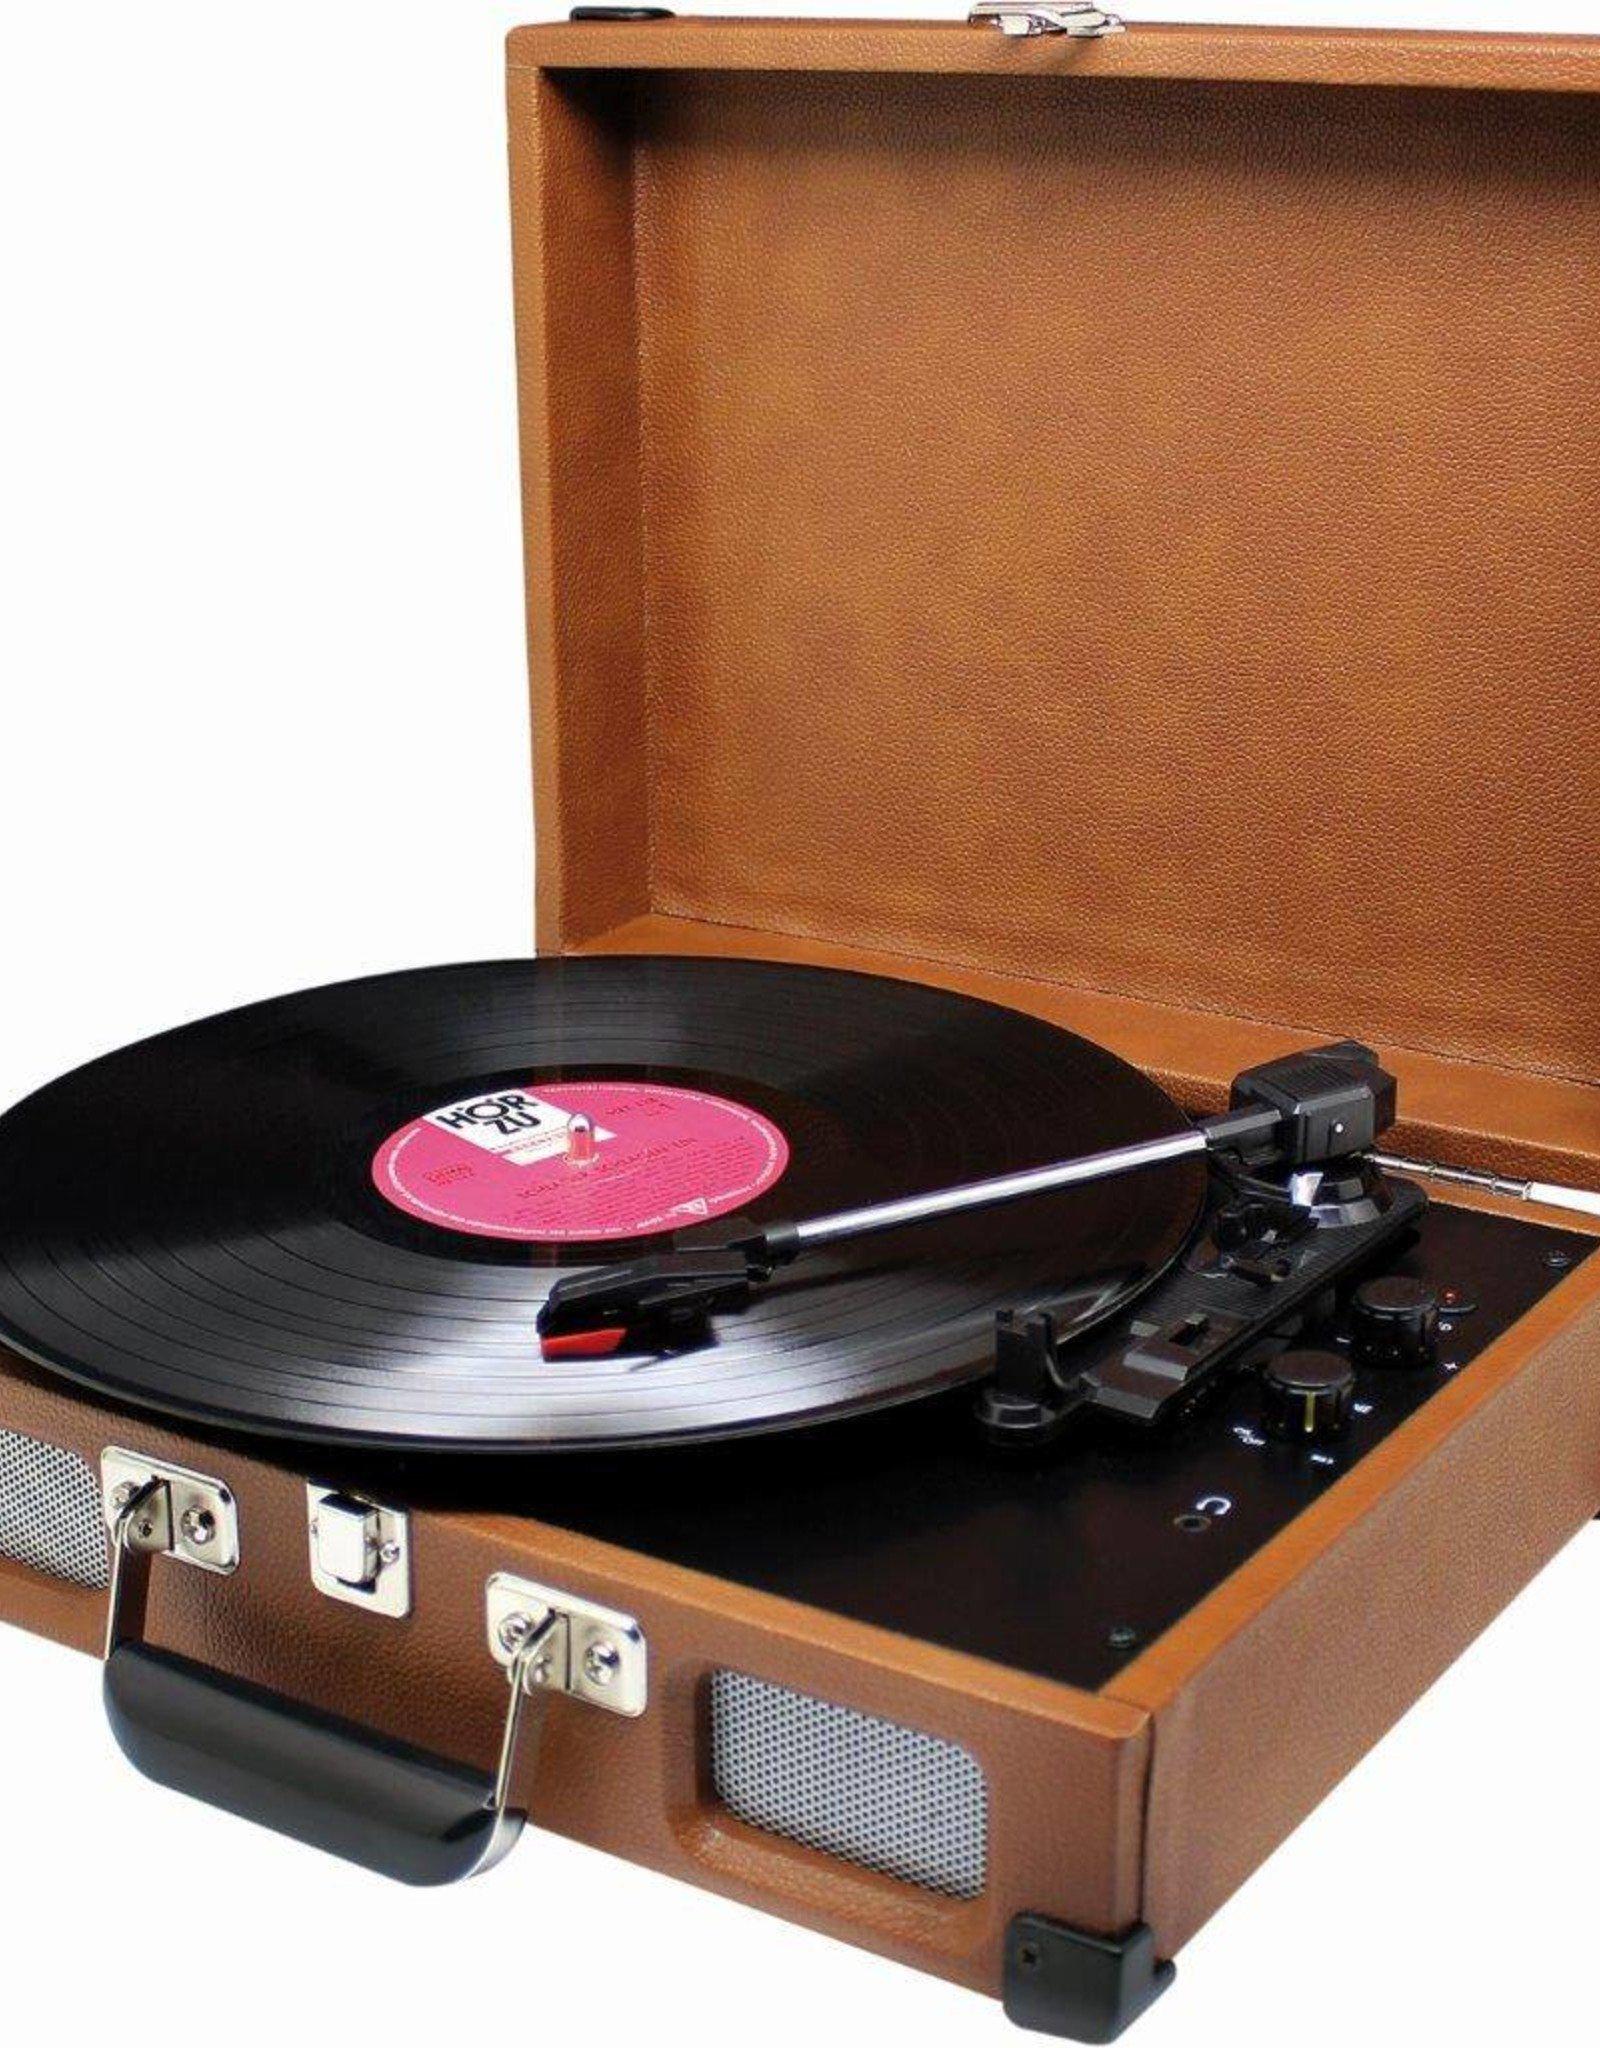 Soundmaster Koffermodel platenspeler PL580 bruin